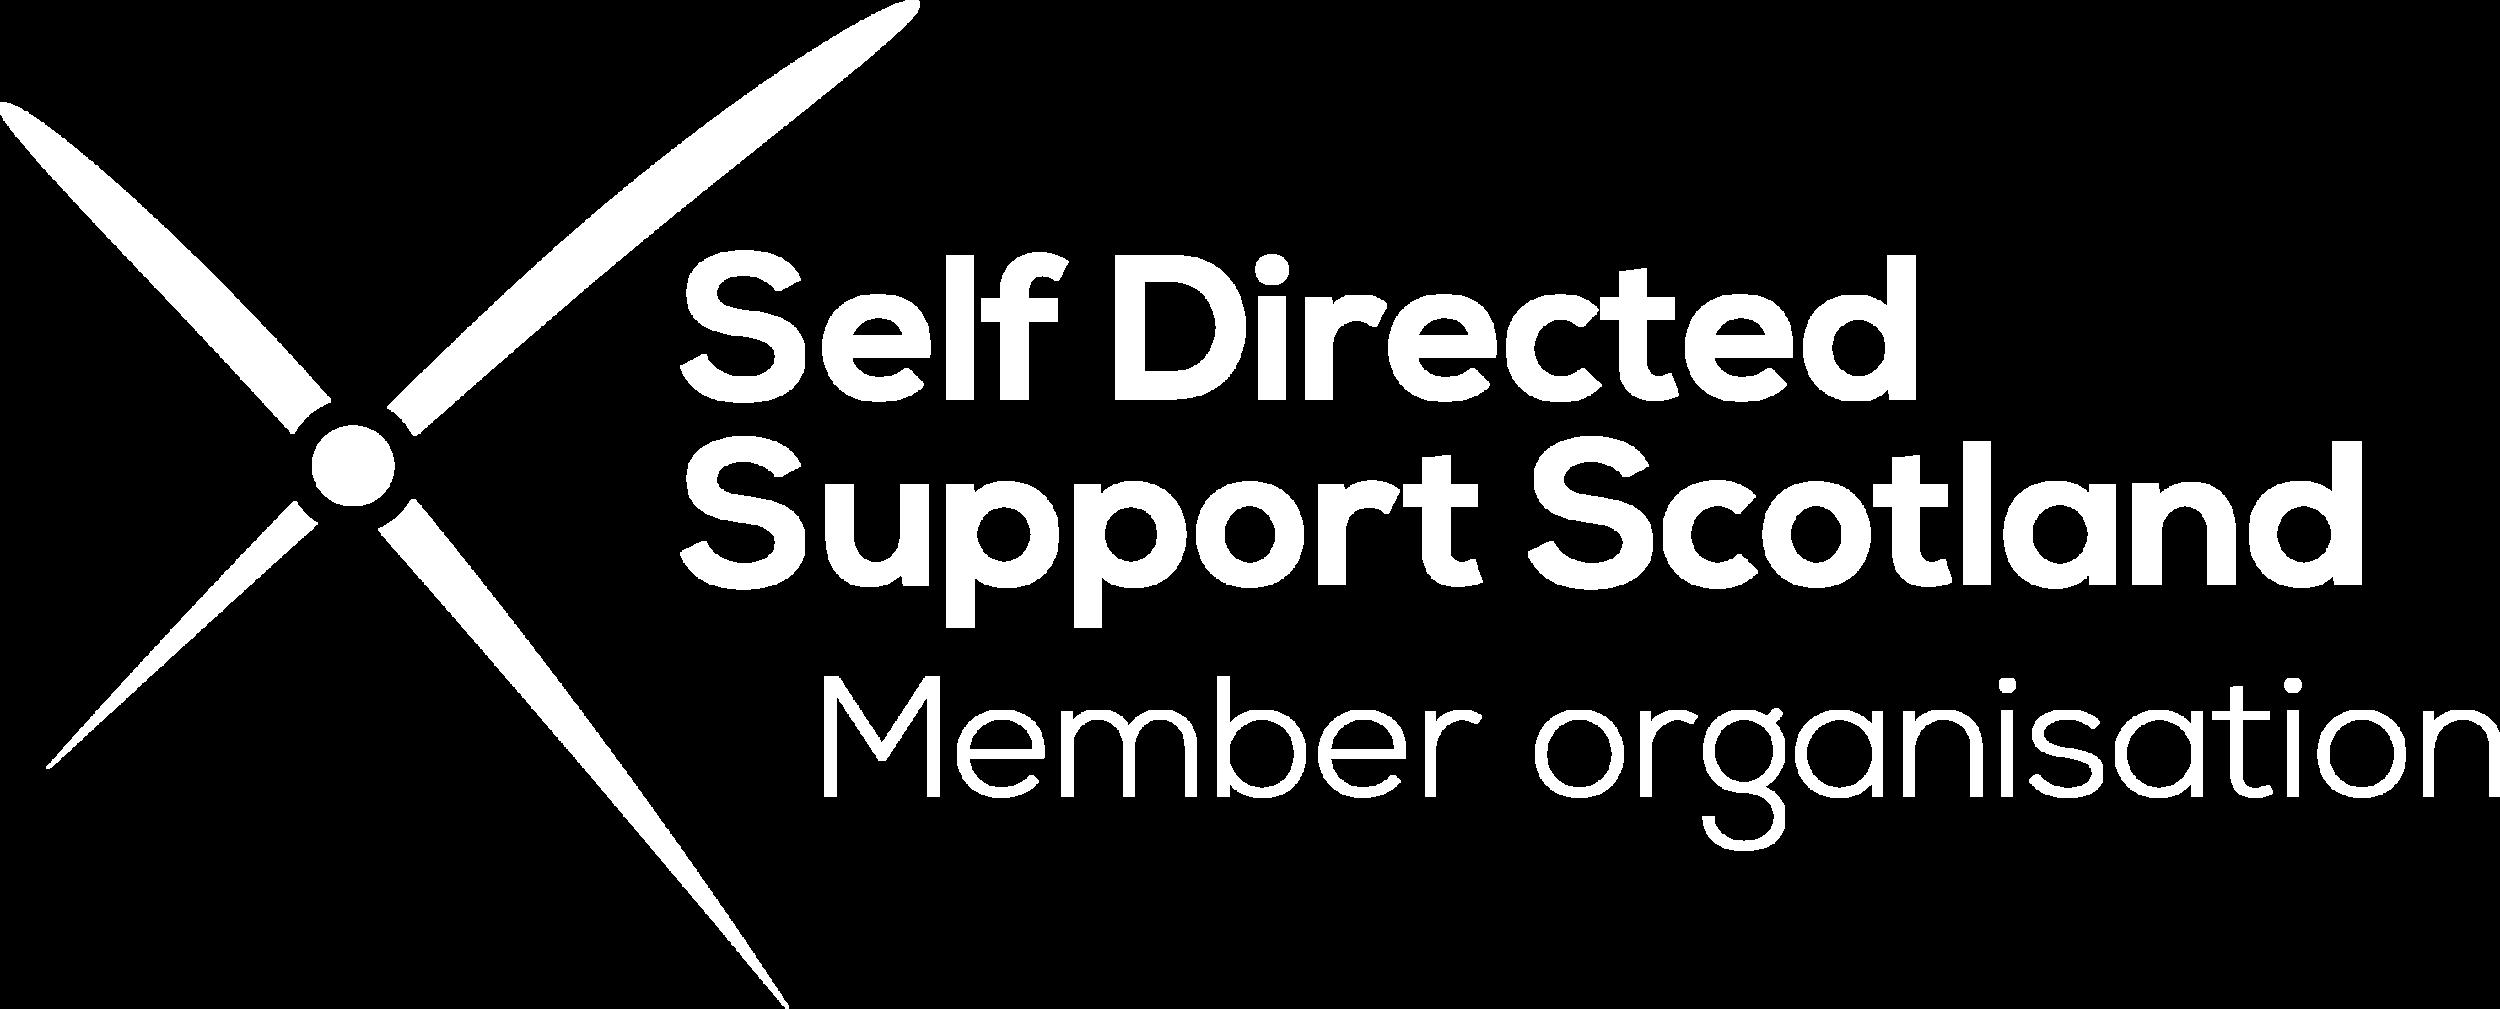 SDSS-Logo_MemberOrganisation_WHITE.png